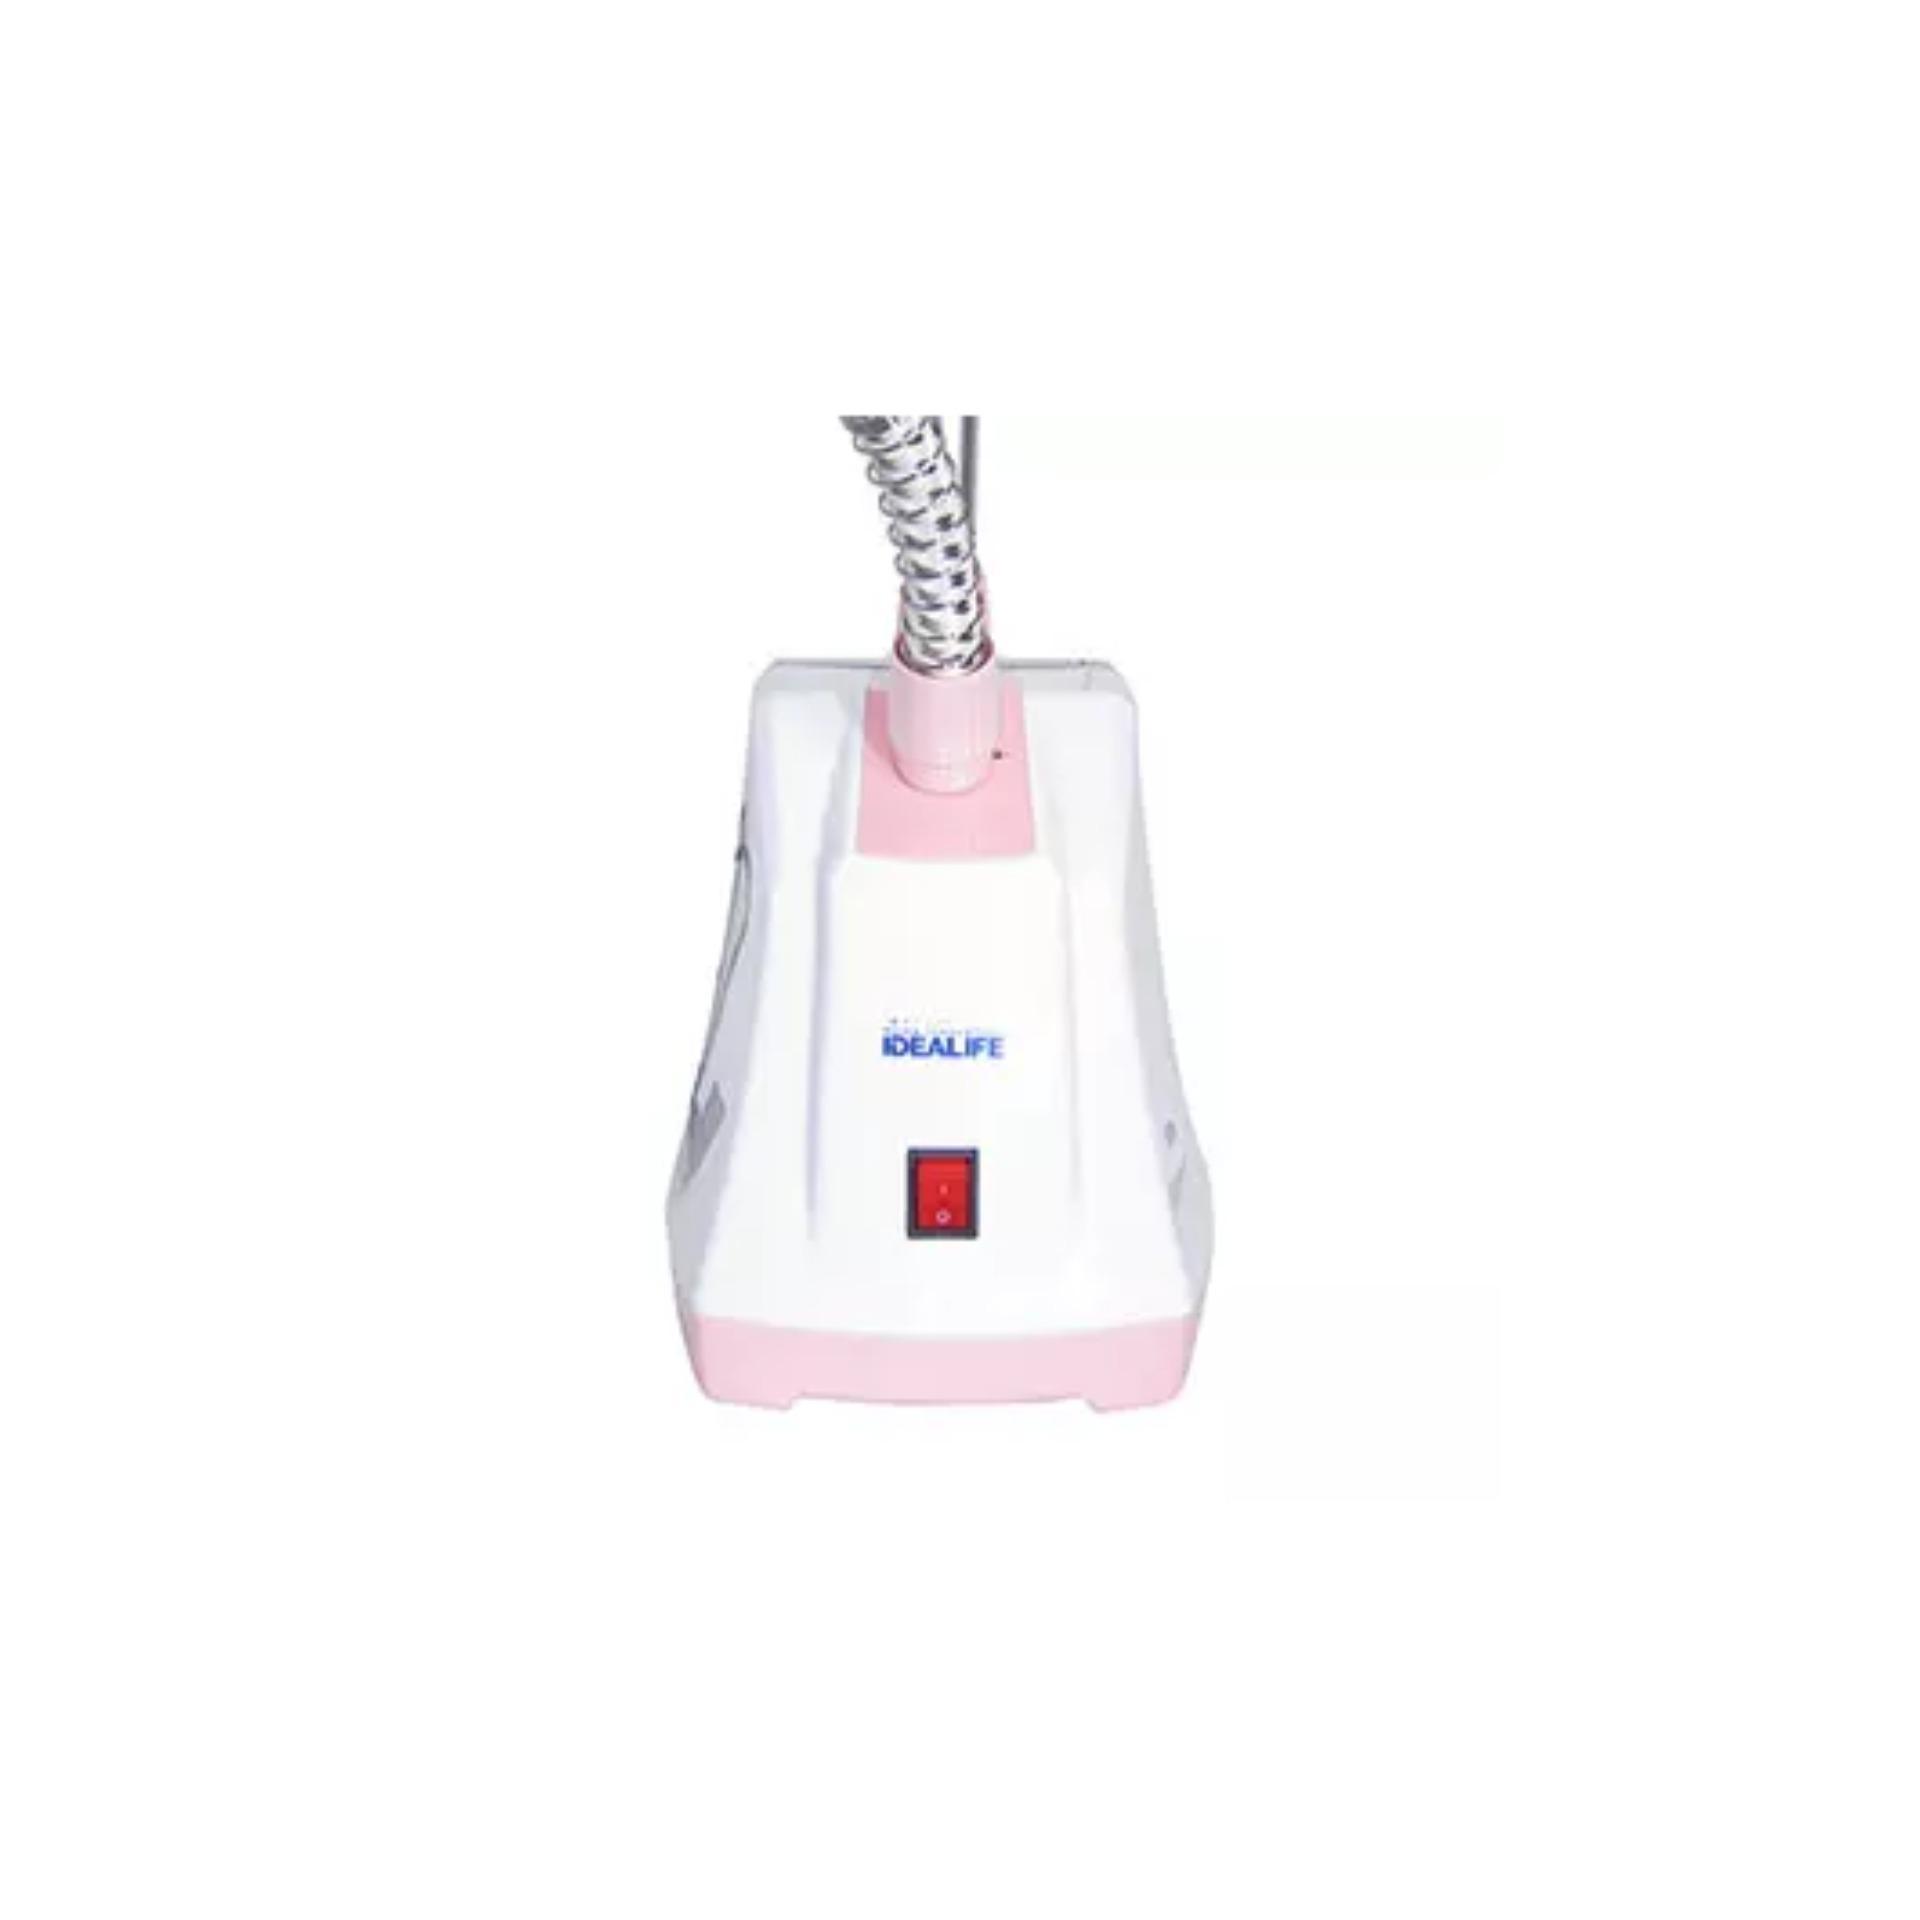 Setrika Uap - Garment Steamer Idealife IL-131S